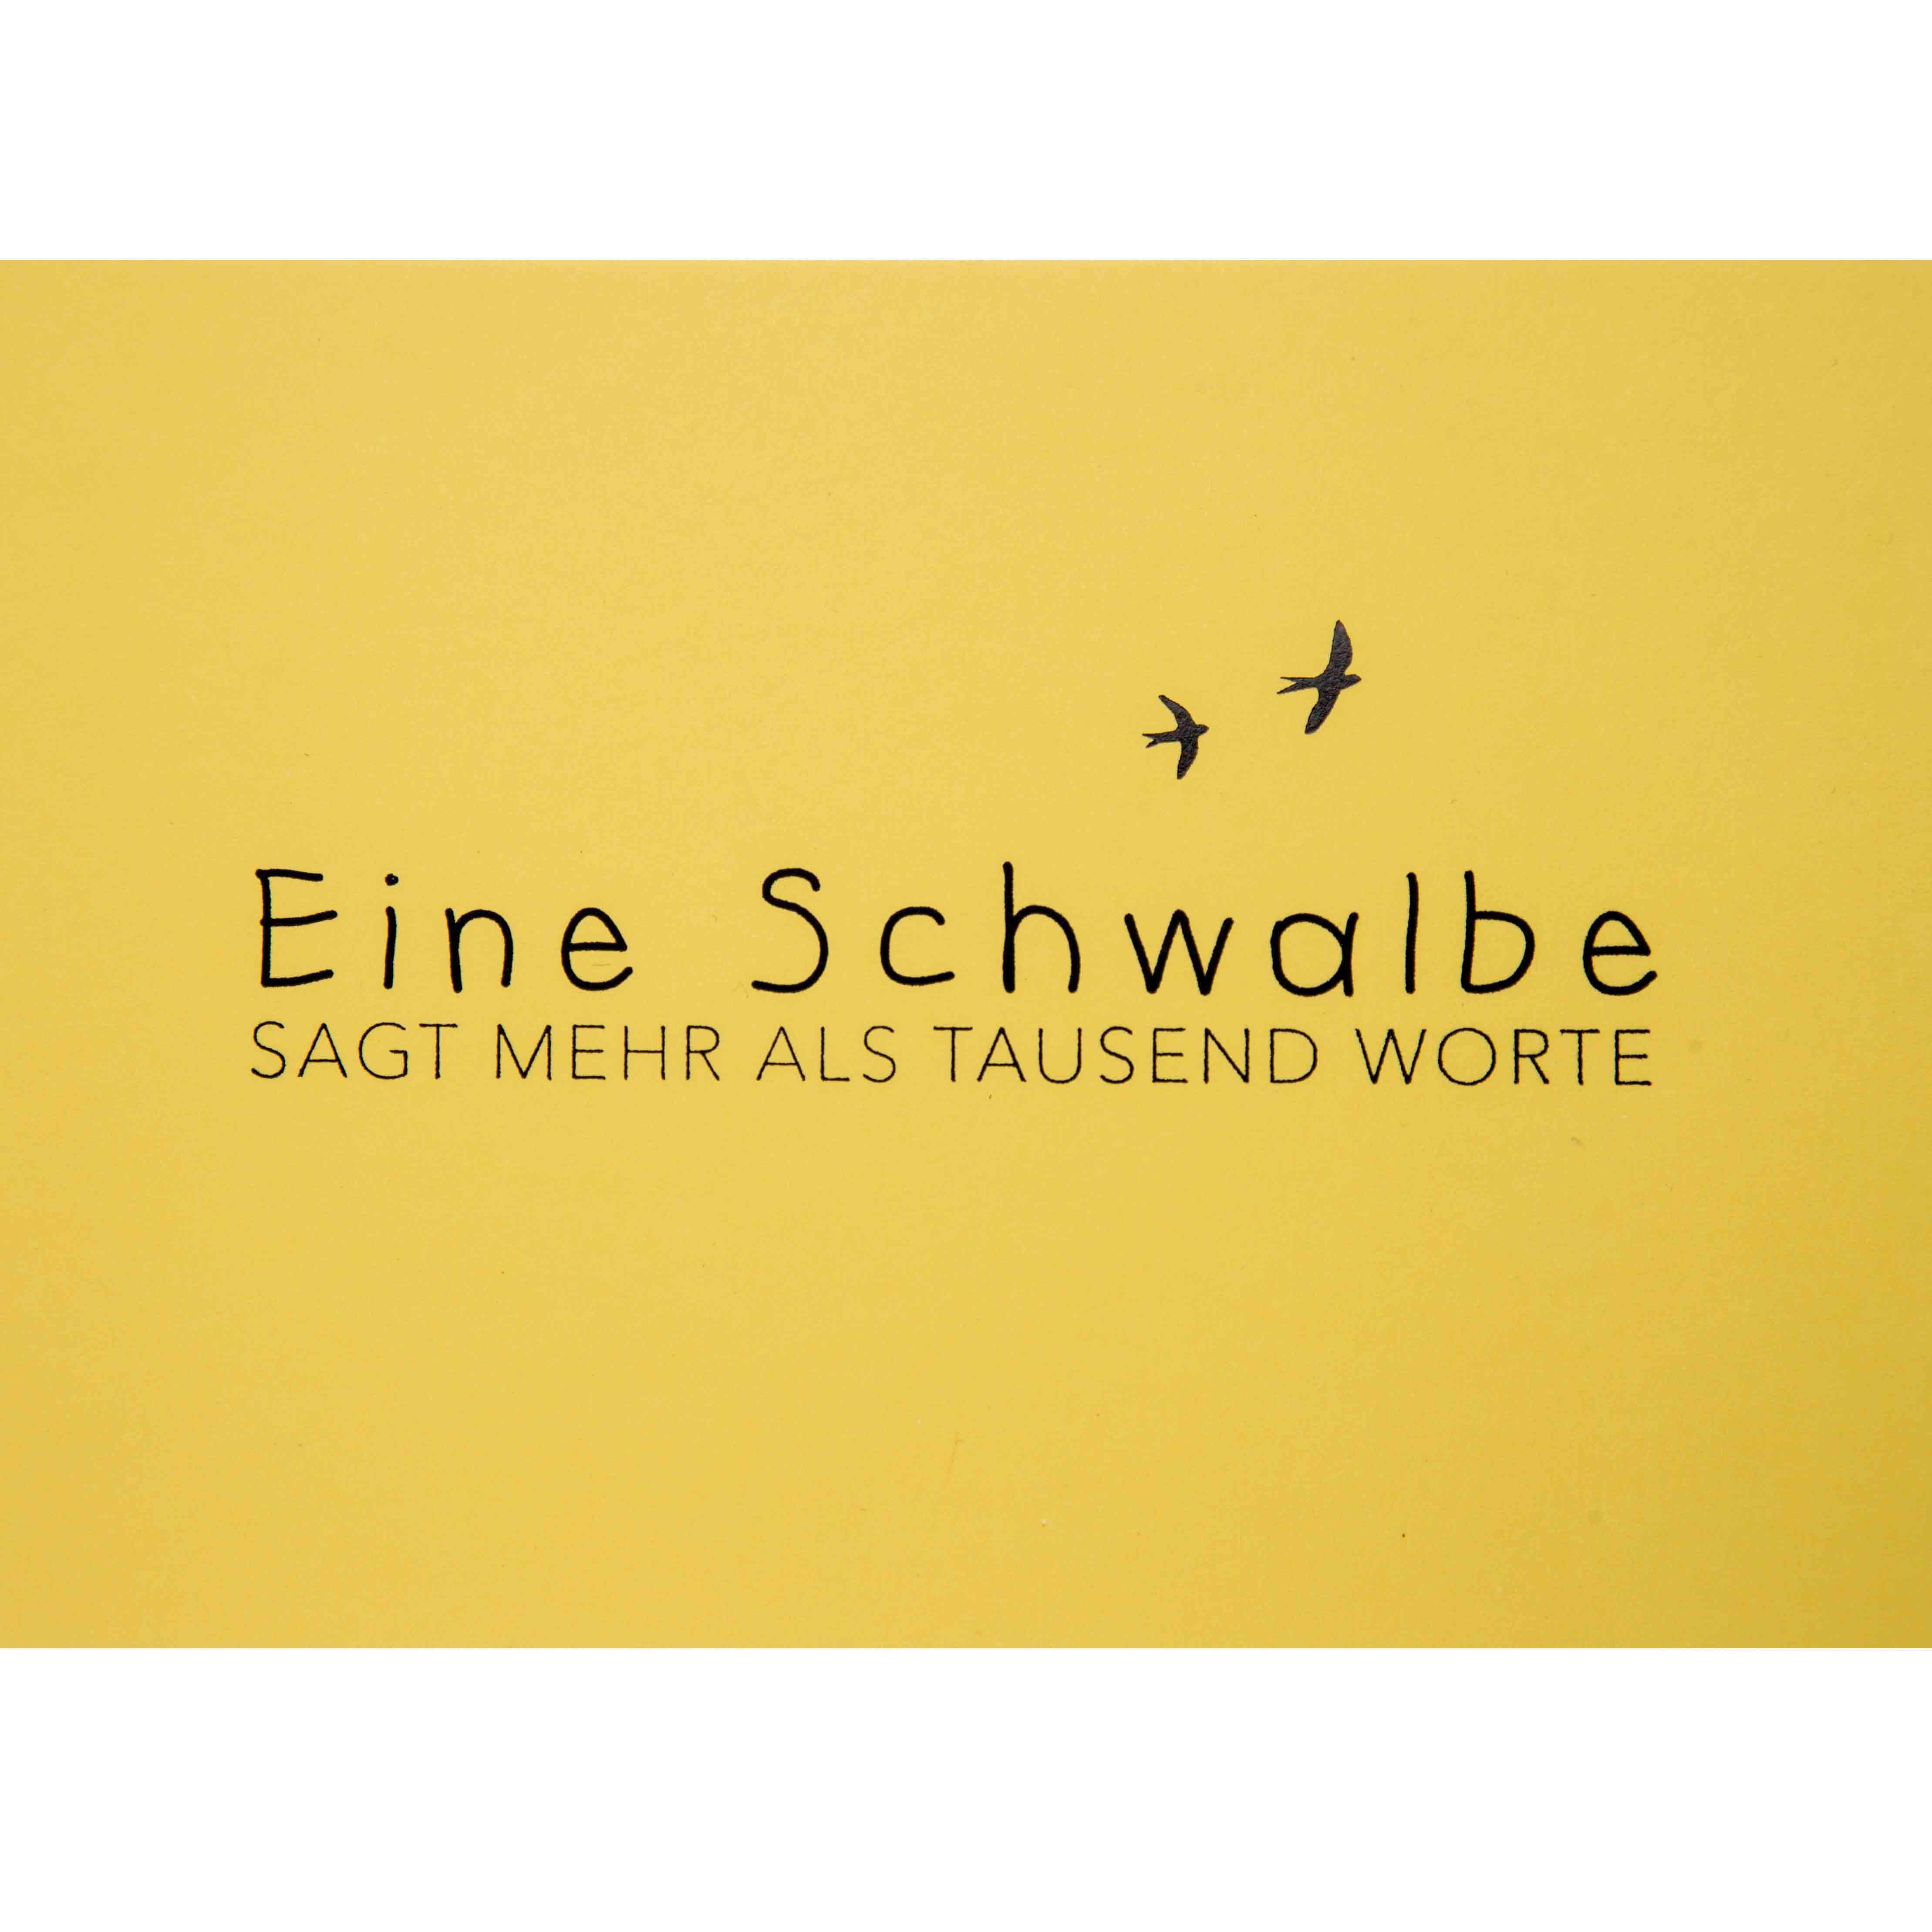 Postkarte - Eine Schwalbe - räder